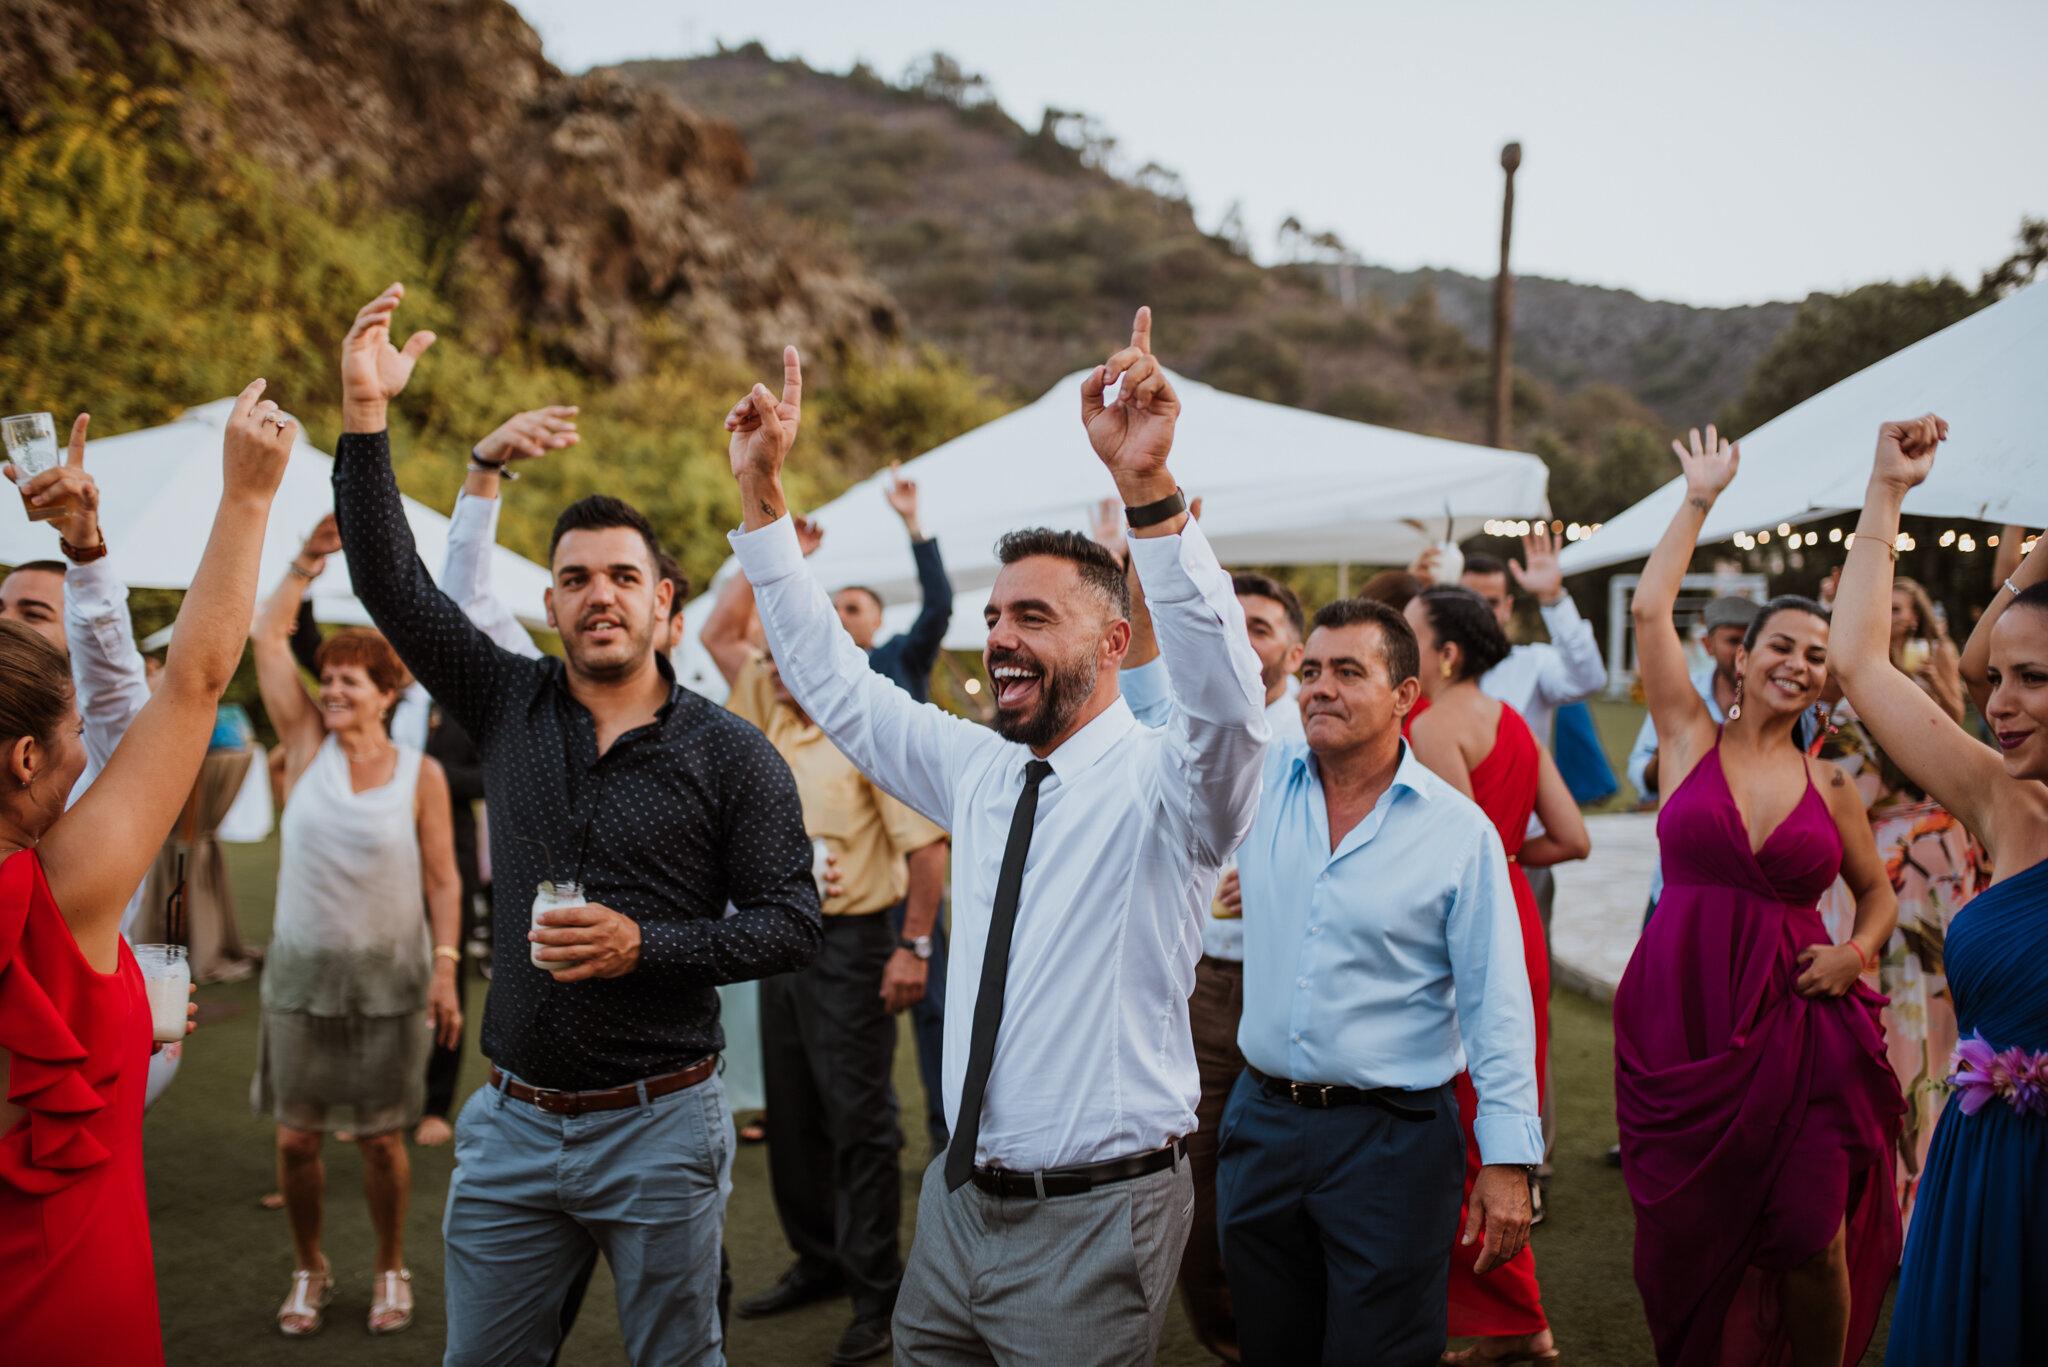 fotografo de bodas las palmas_-125.jpg